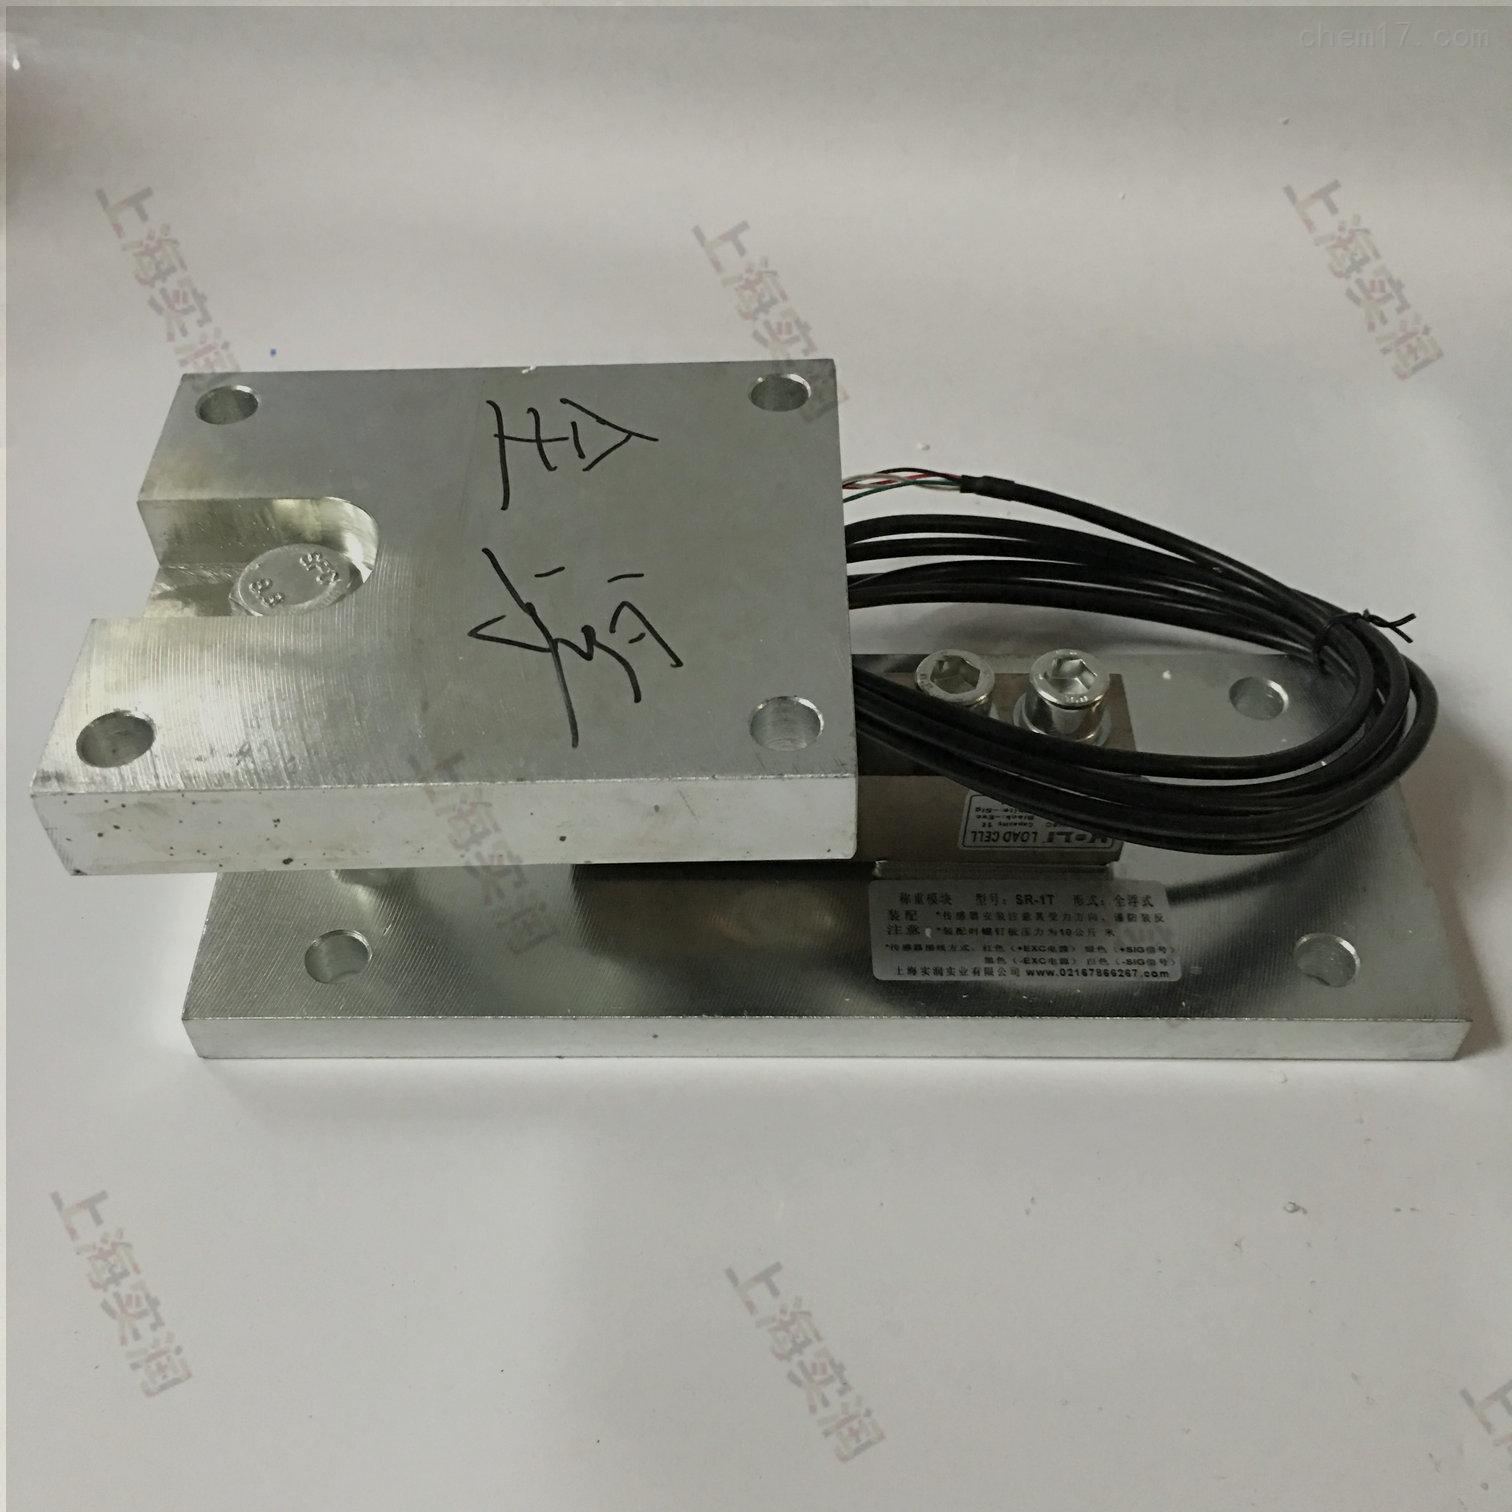 化工用防爆称重模块,安装料斗称重传感器